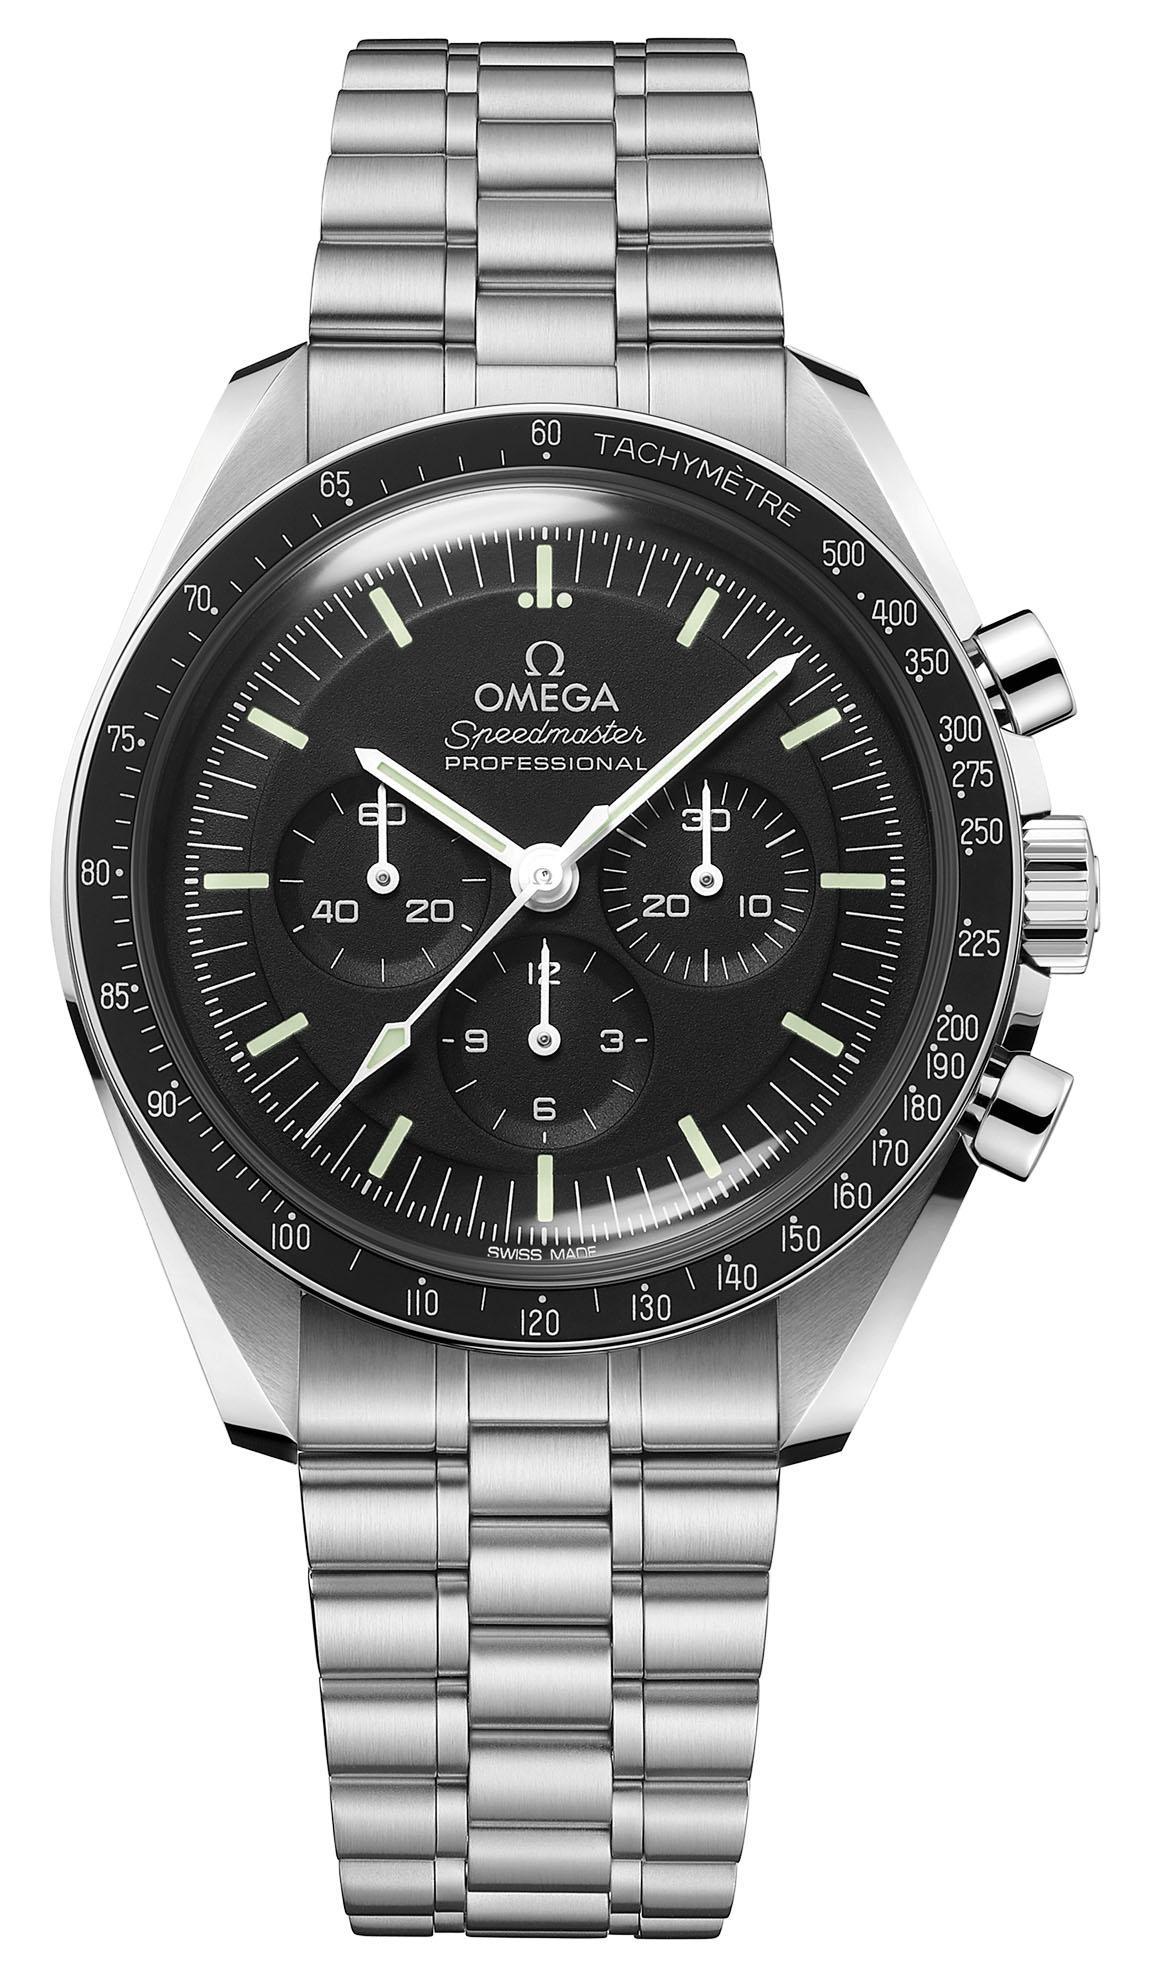 Omega Speedmaster Moonwatch Professional Master Chronometer 3861 - steel on steel hesalite 310.30.42.50.01.001